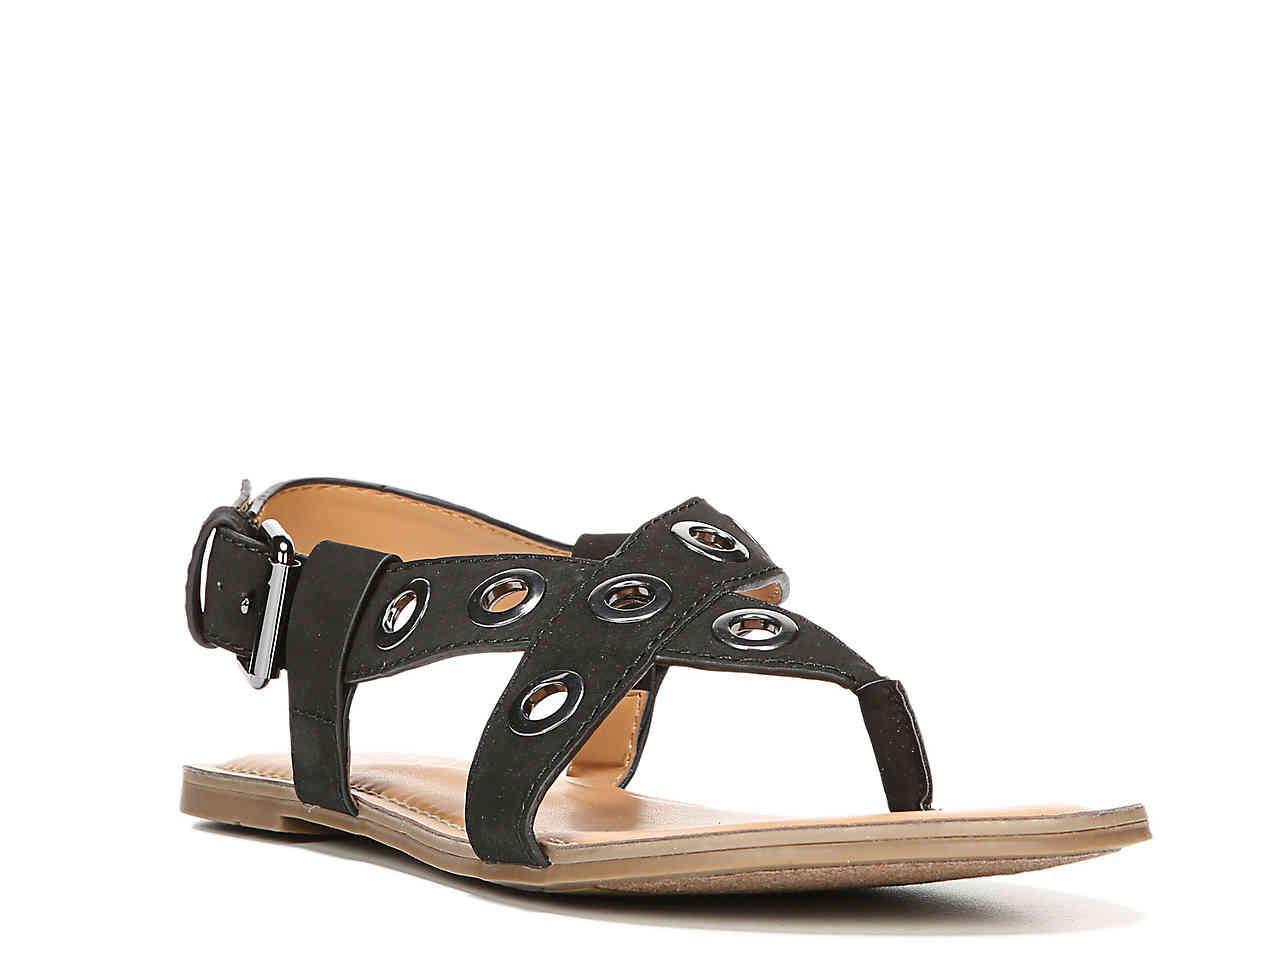 f071a1018c2a2 Lyst - Franco Sarto Jordy Flat Sandal in Black